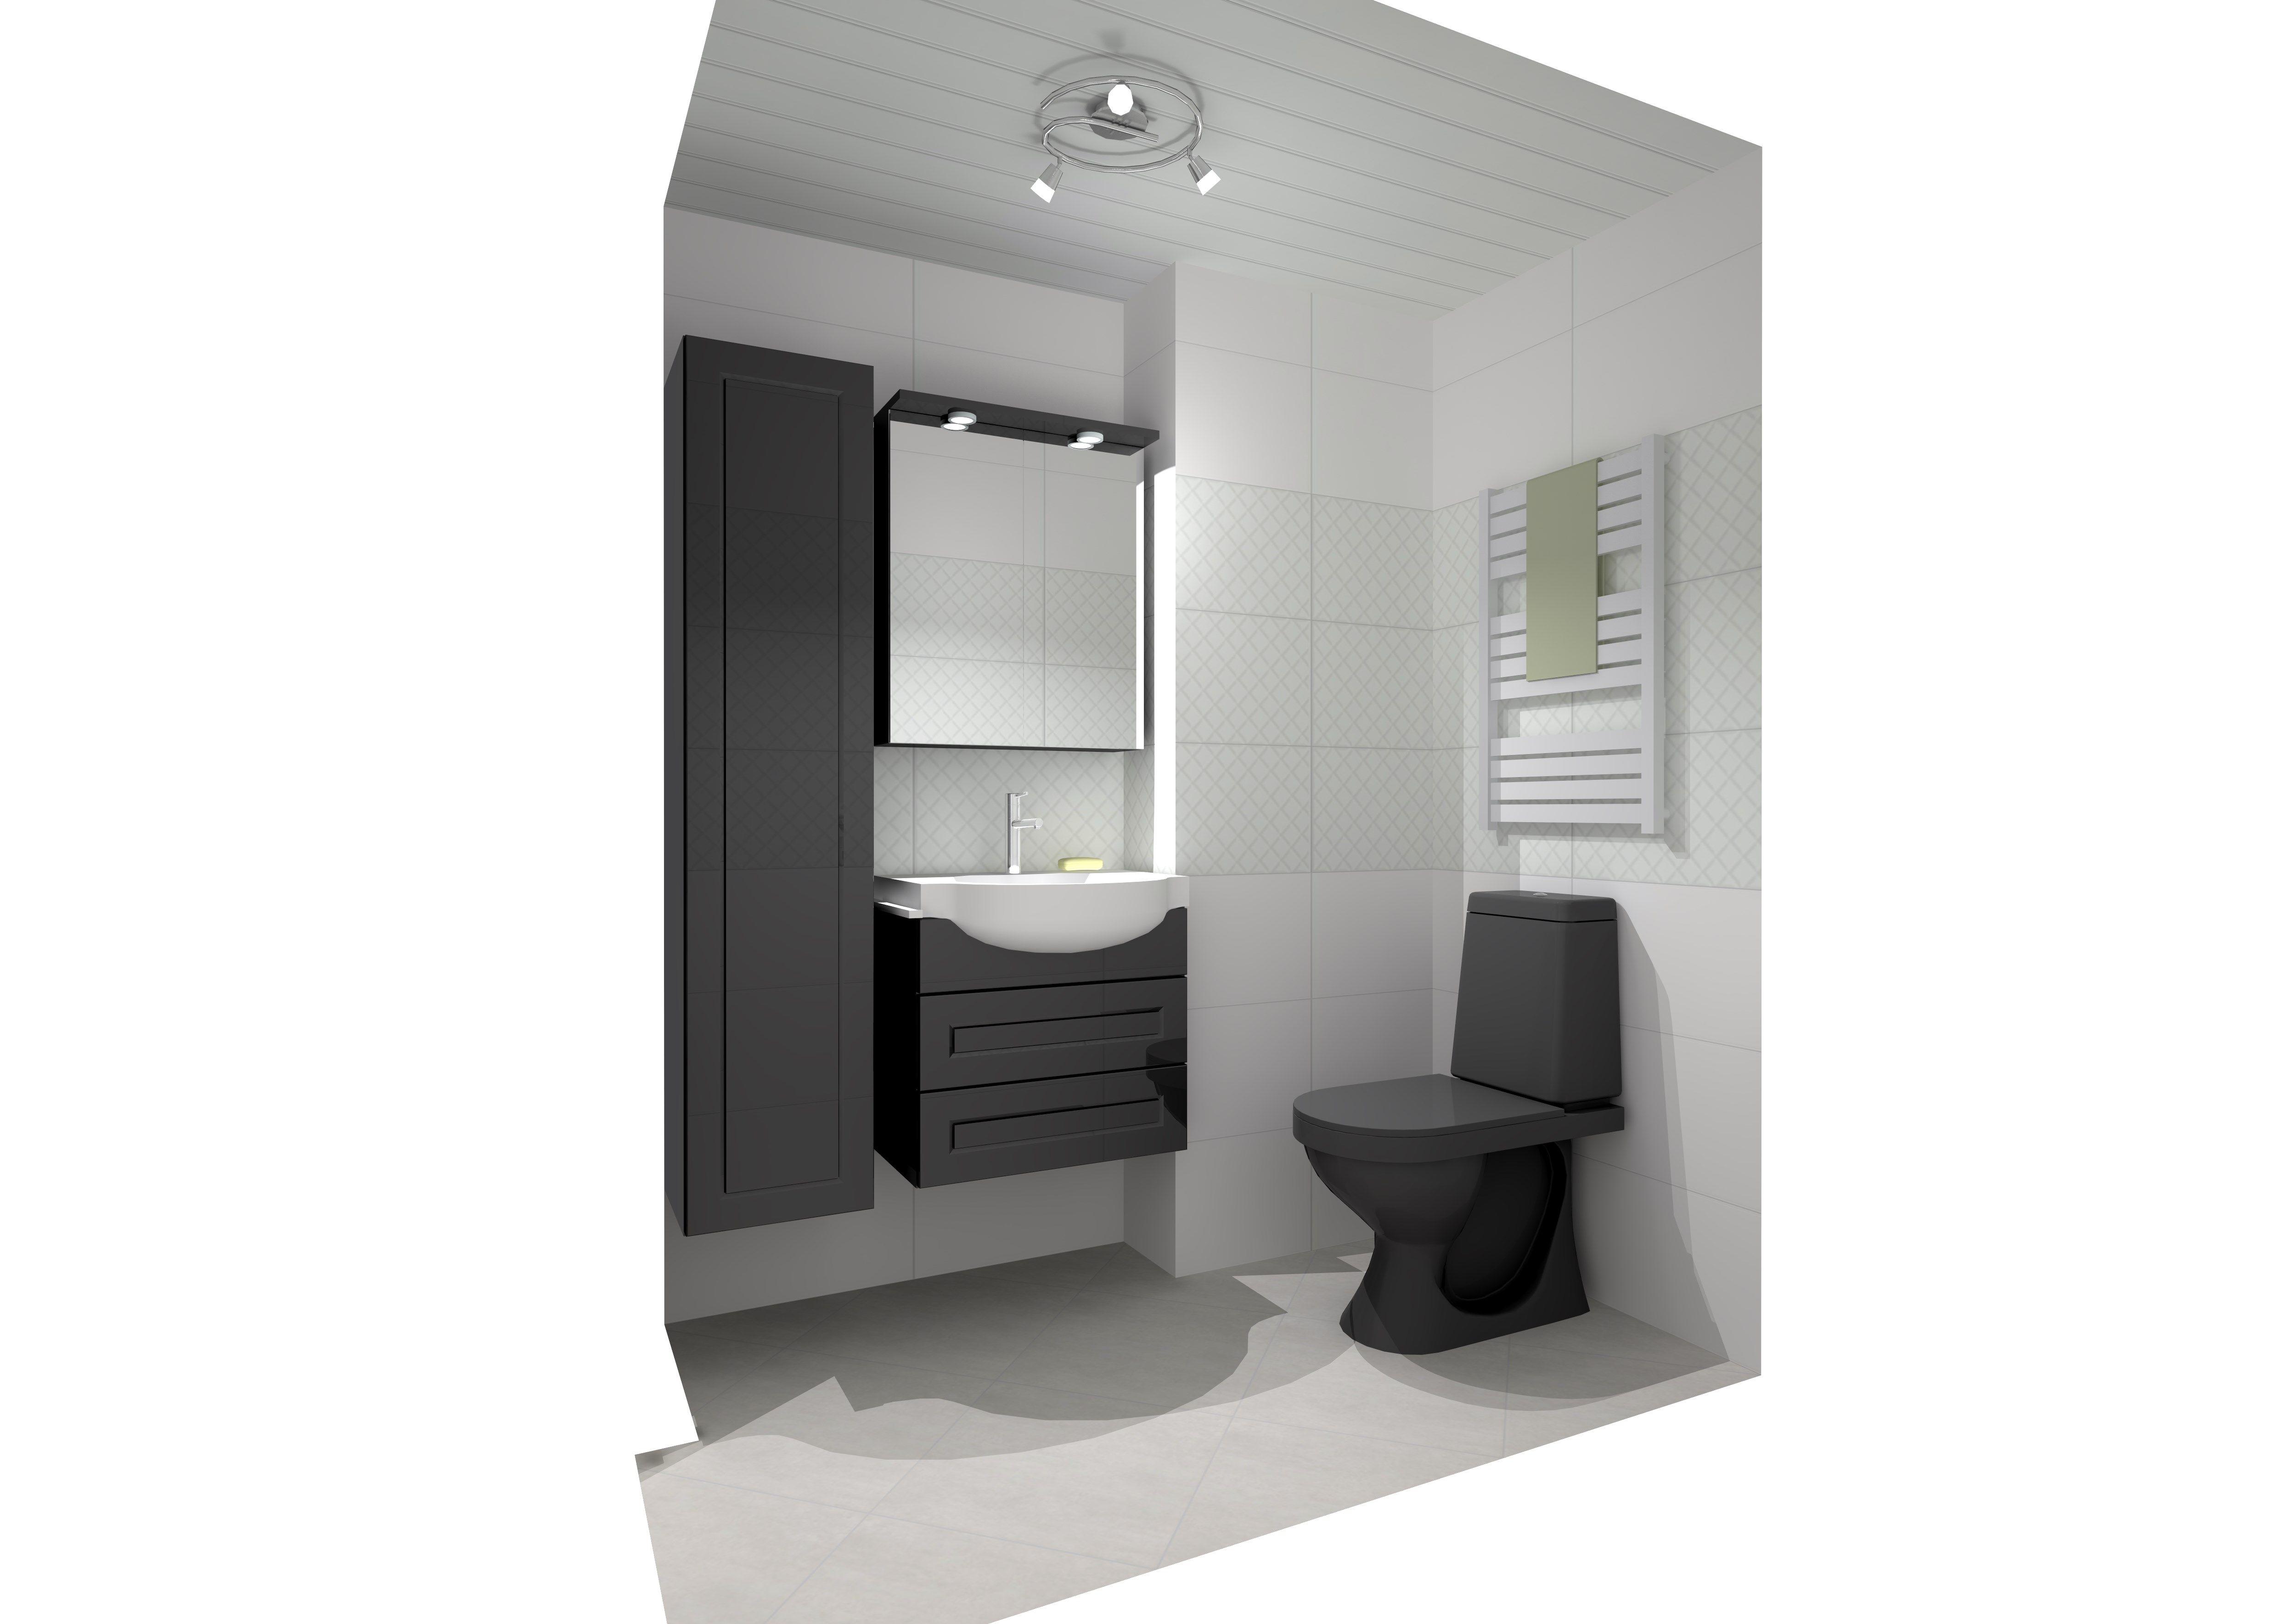 Kylpyhuonesuunnitelma Charisma.   Tyylikkään rohkea kylpyhuone syntyy geometrisesti kohokuviodun valkoisen Charisma-seinälaatan ja mustien Noro Polo -kylpyhuonekalusteitten yhdistelmästä. Komeana yksityiskohtana toimii kiiltävän musta wc-istuin Iona Lux. www.k-rauta.fi